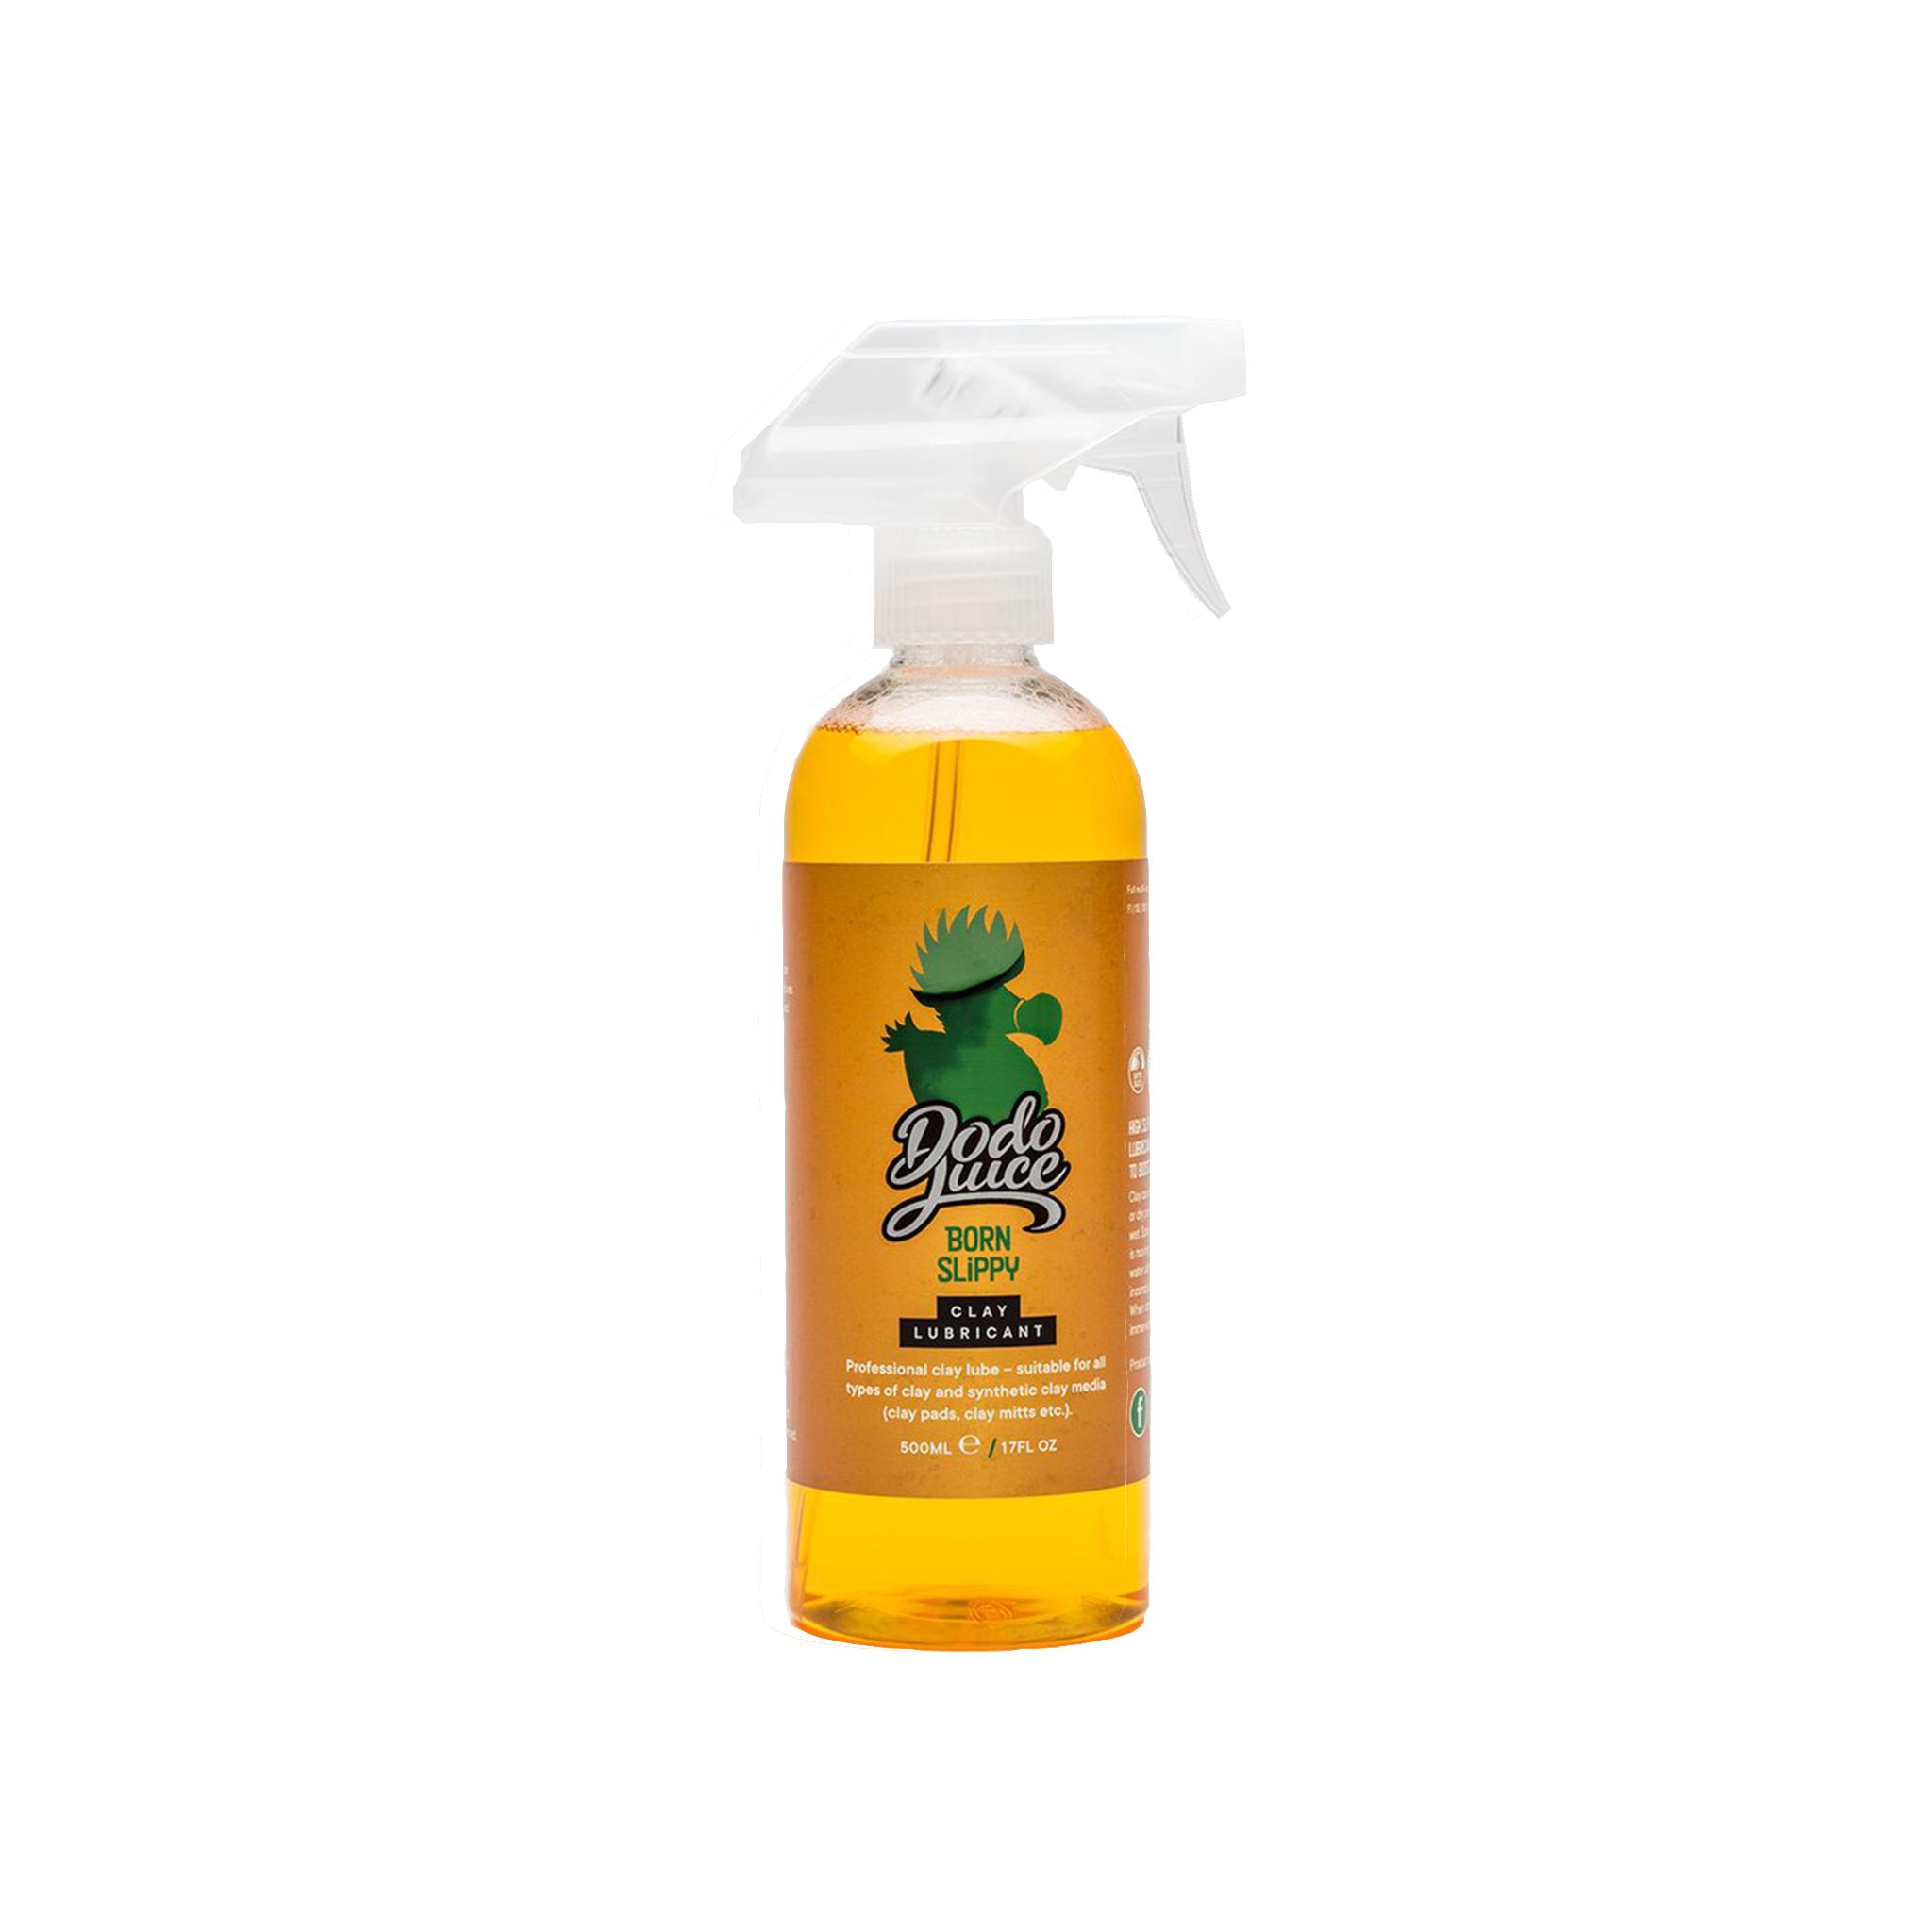 Glidmedel till rengöringslera, Dodo Juice Born Slippy, 500 ml